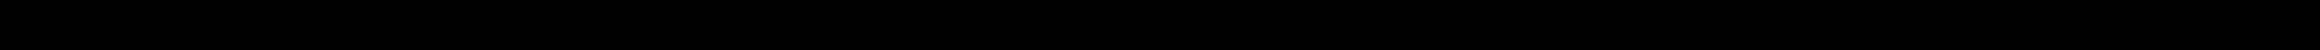 NGK 1219 309, 1255 464, 1362 012, 1493 001, 1787 829 Gyújtógyertya